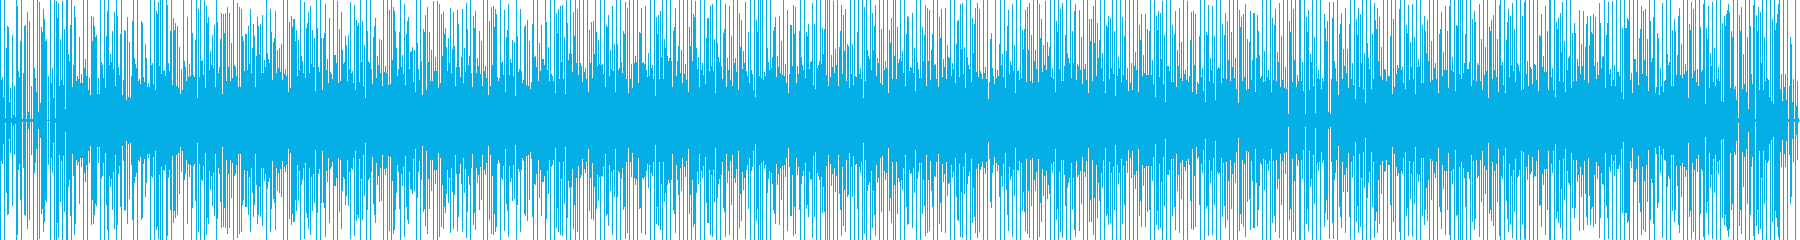 ローズエレピによるアシッドジャズの再生済みの波形